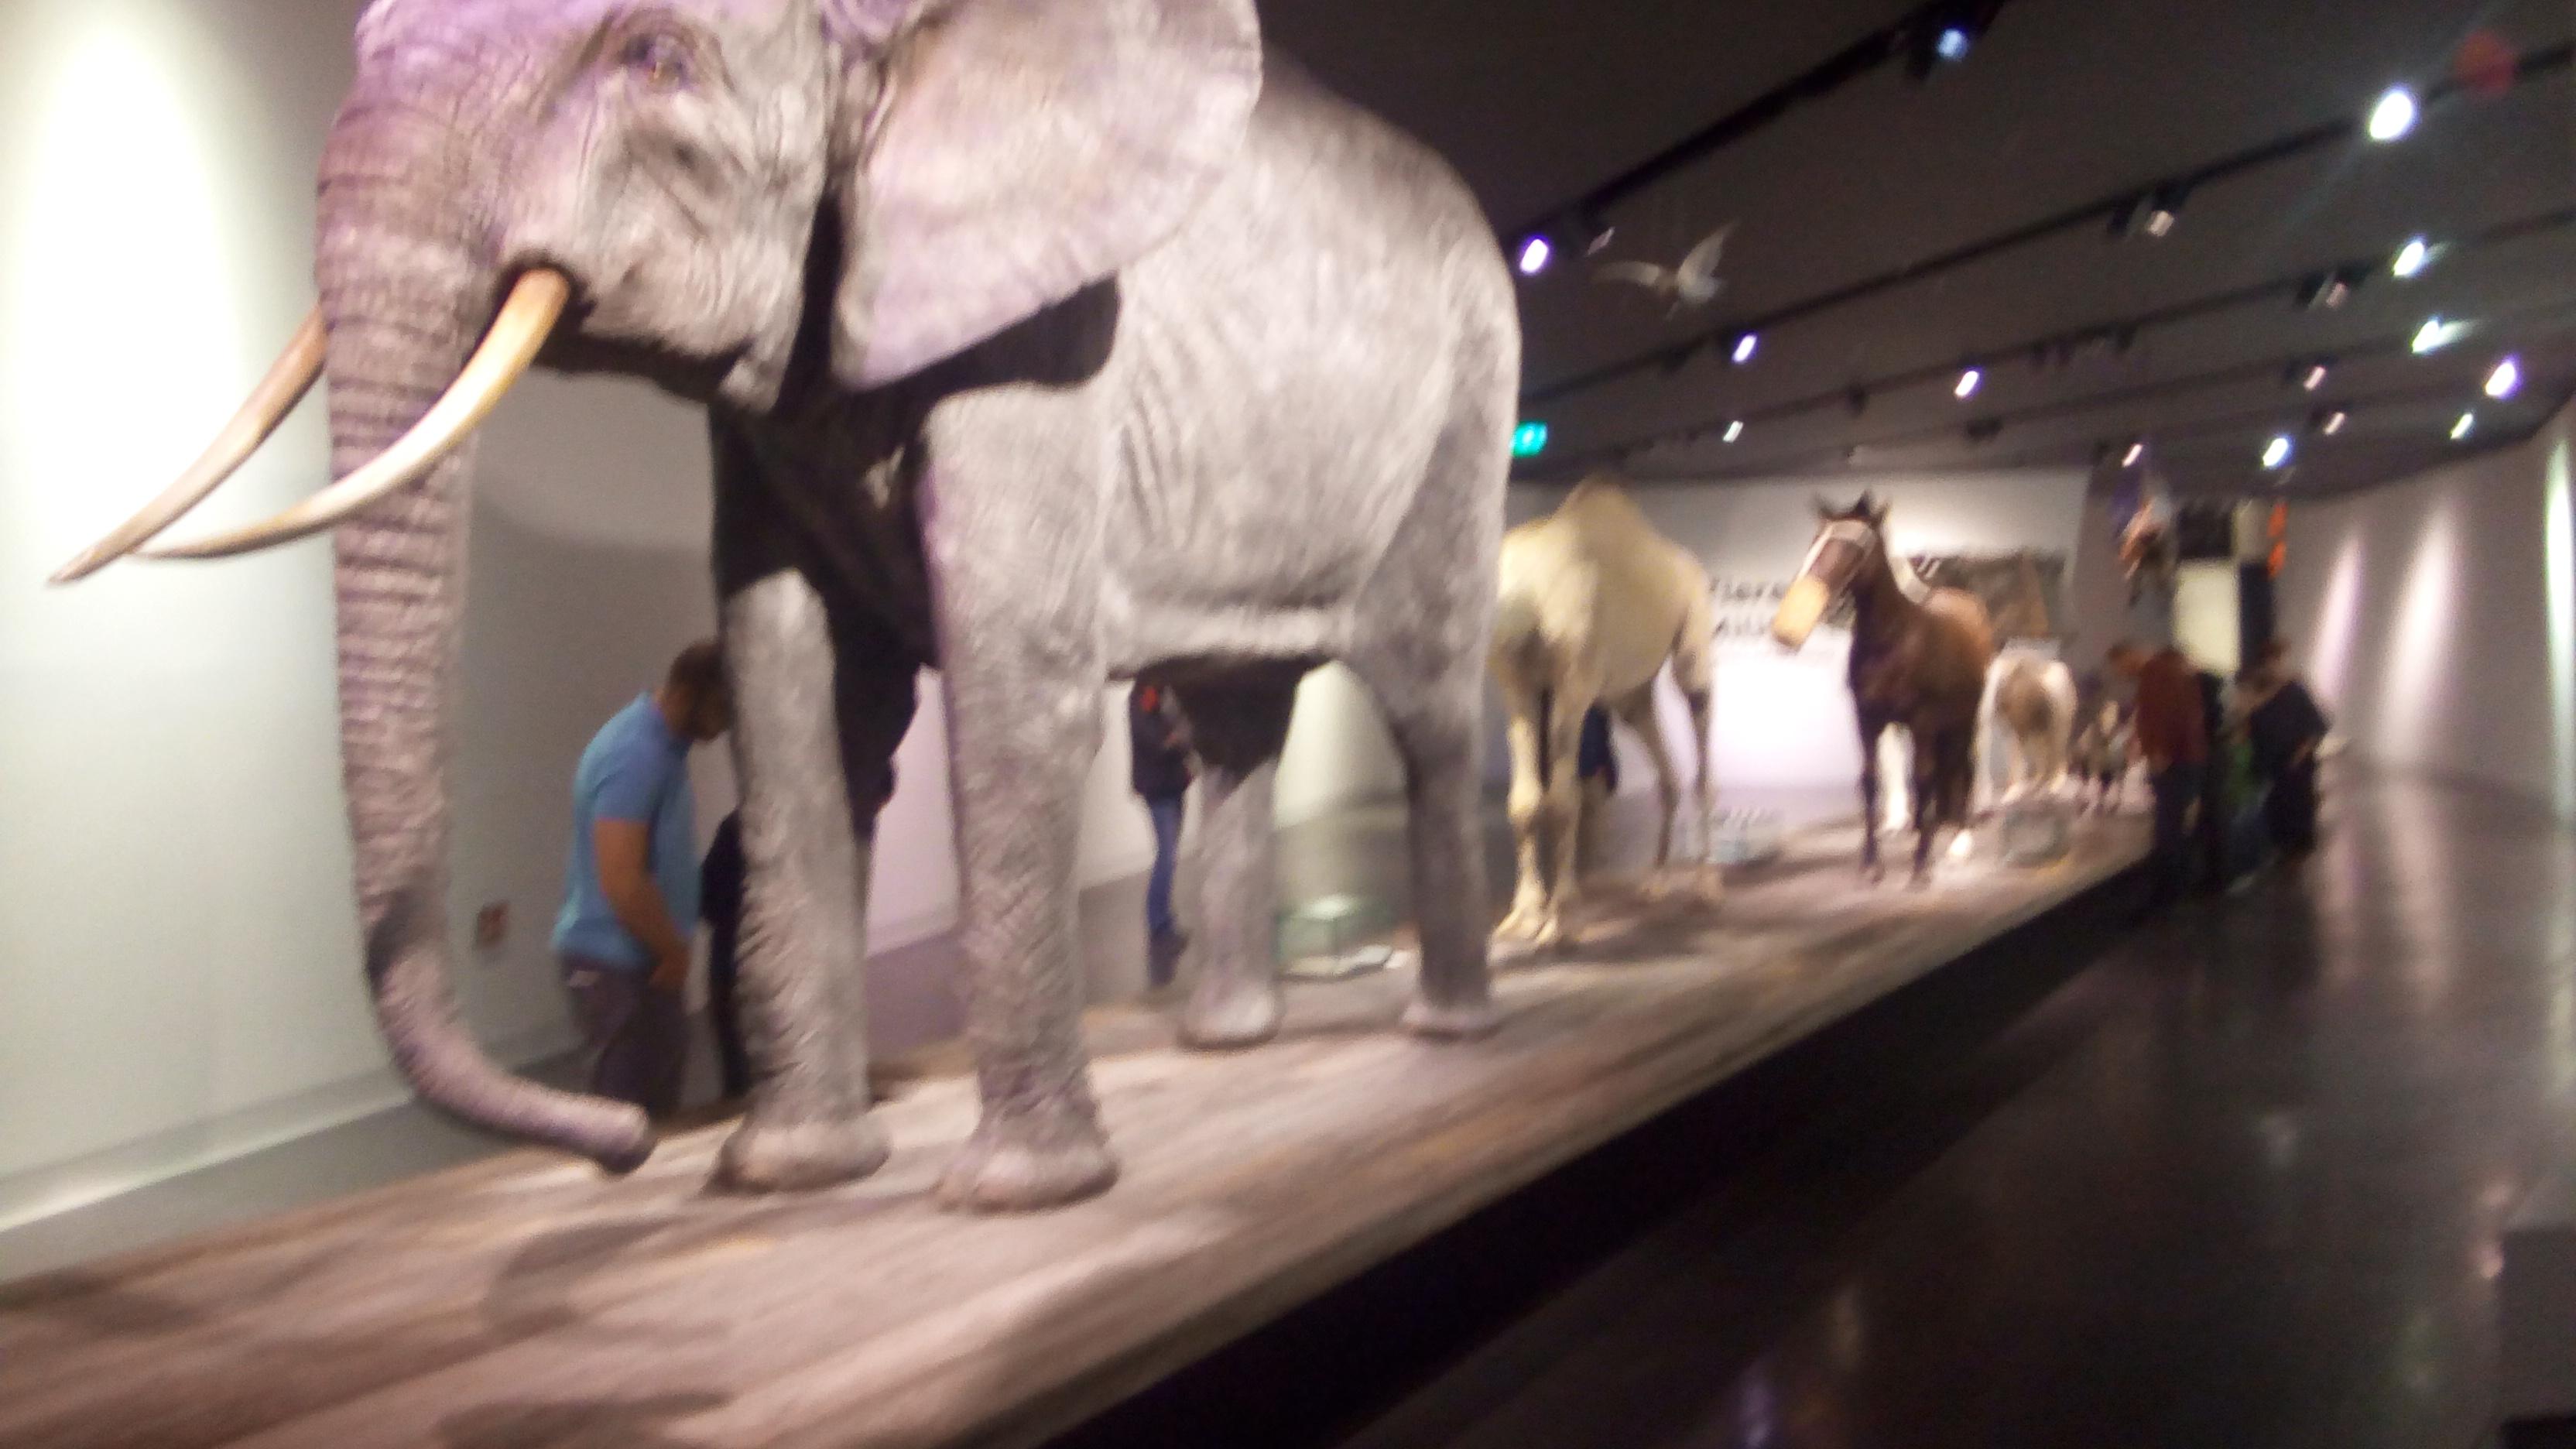 war-museum-3-animals-and-war